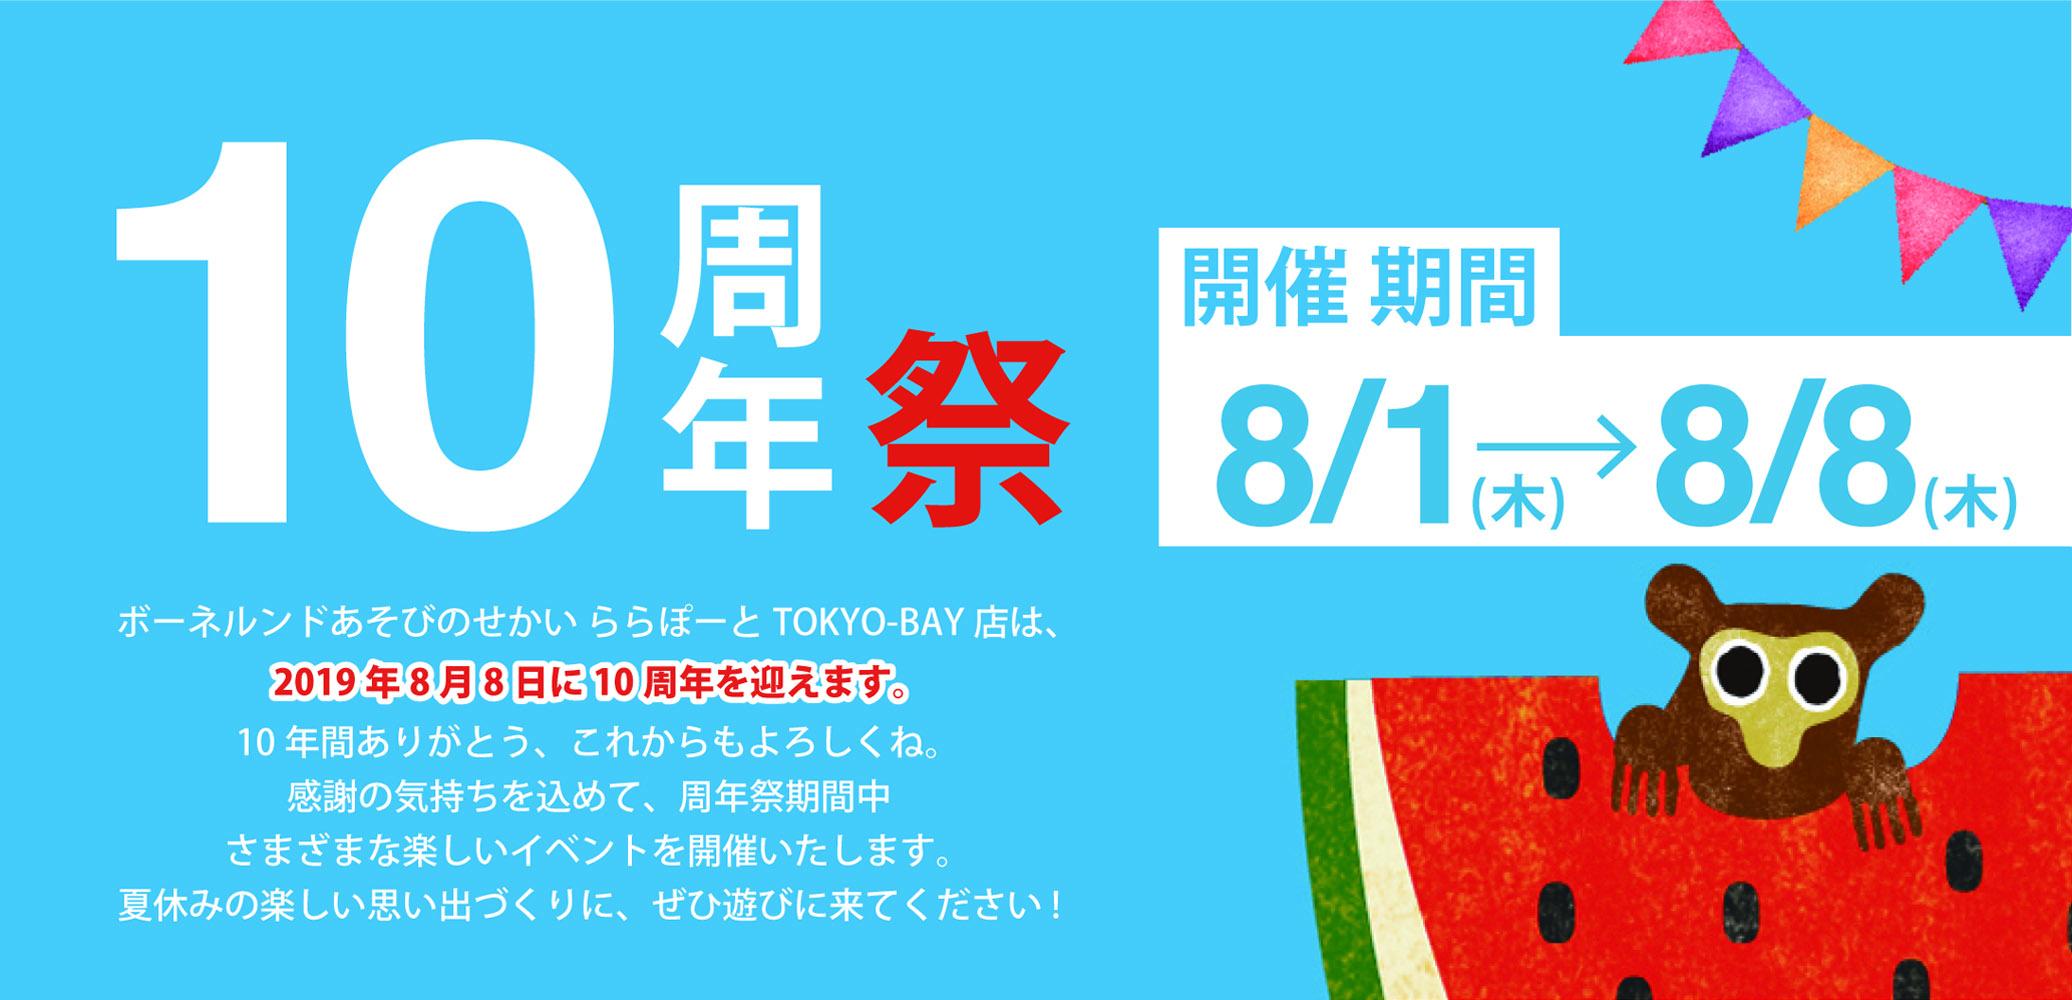 8月☆10周年祭☆開催のお知らせ☆